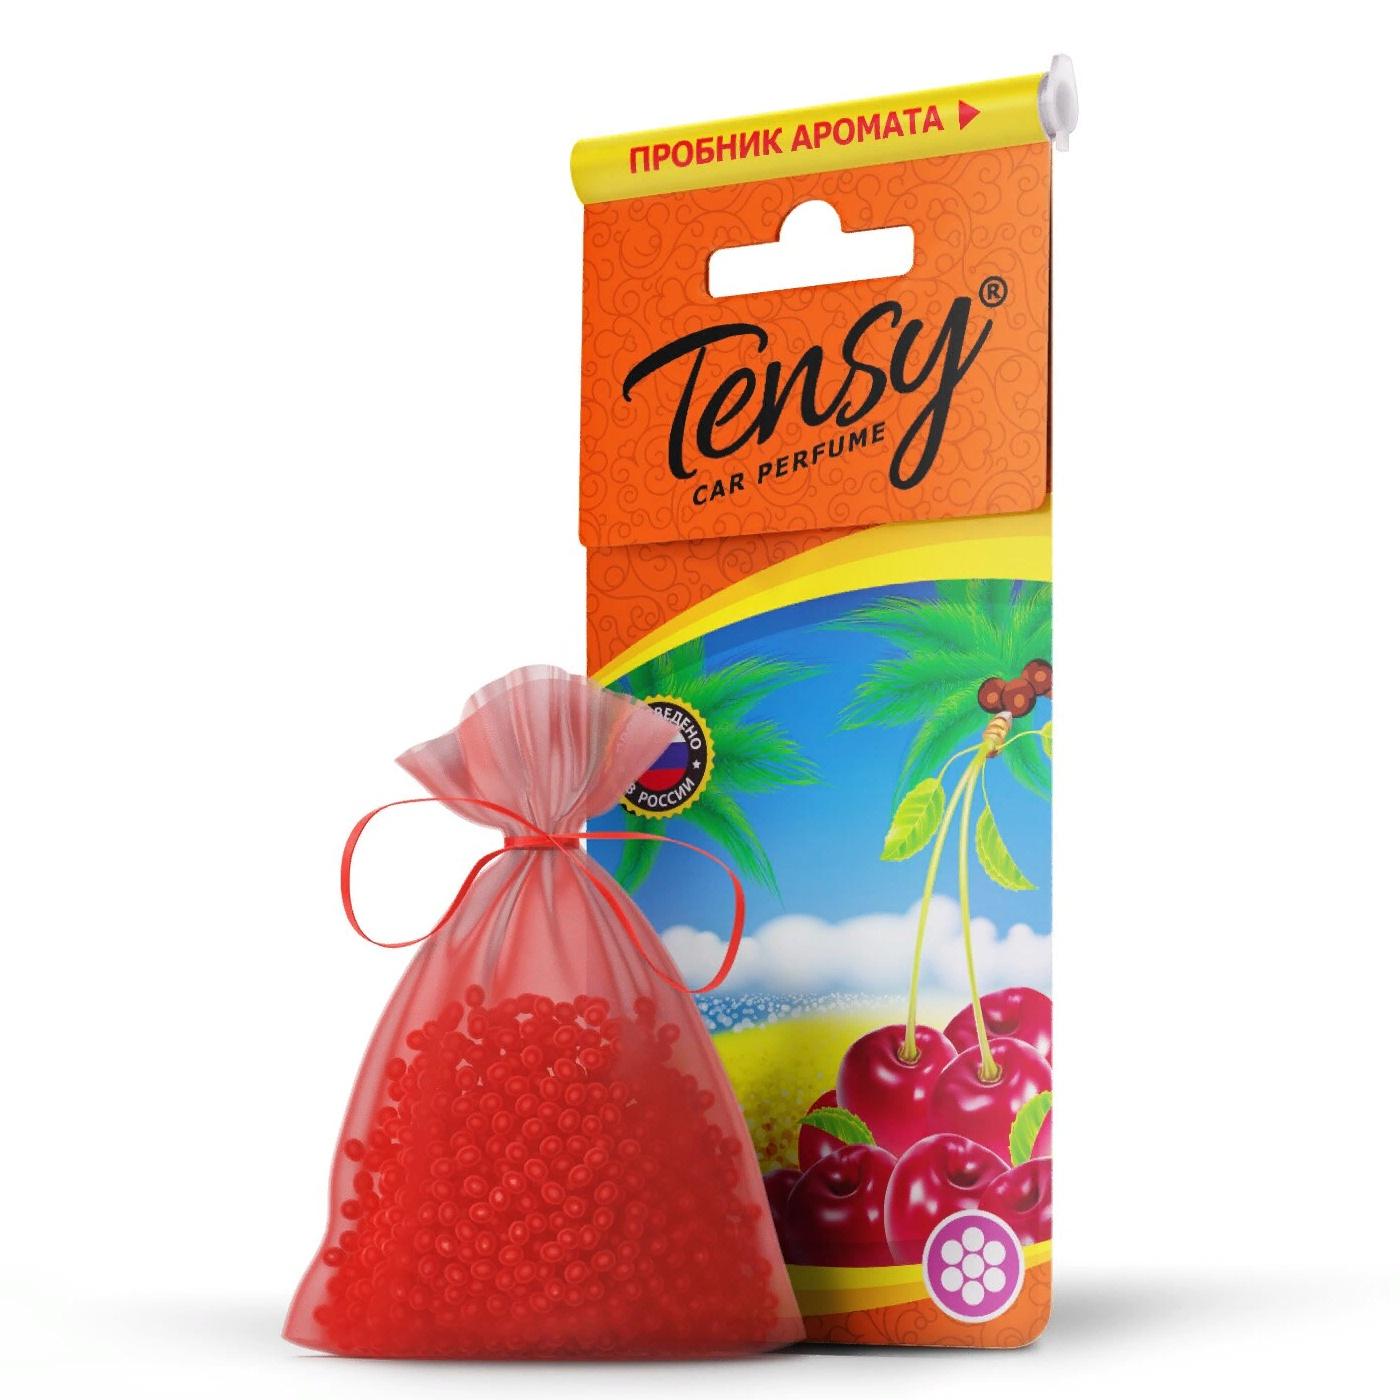 Автомобильный ароматизатор Tensy мешочек, основа гранулы, Вишня мешочек ароматизатор 4 буквы